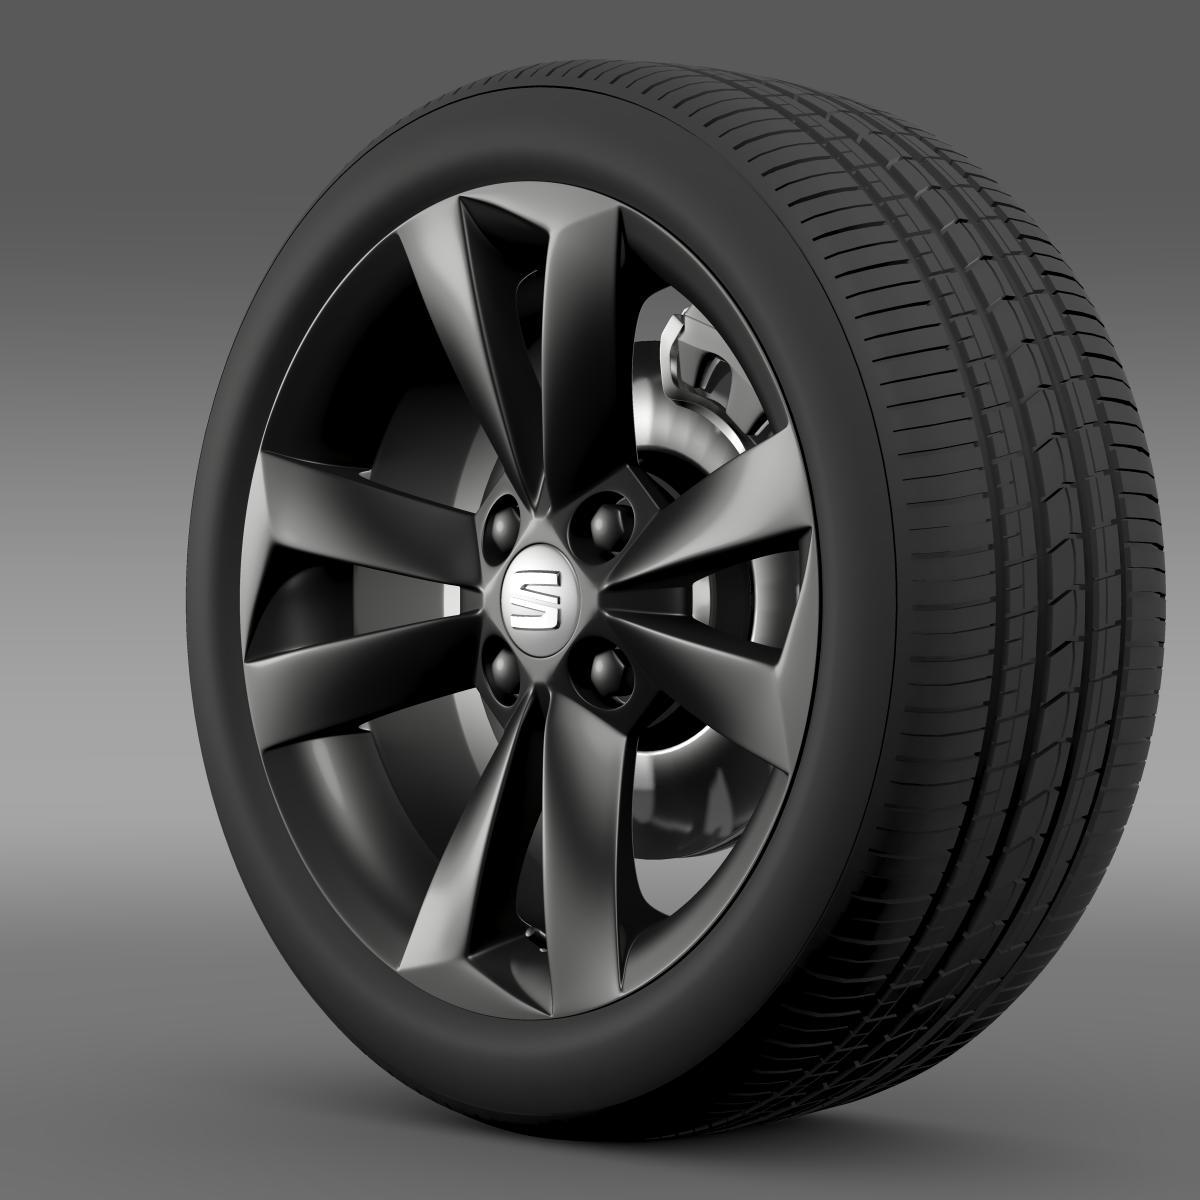 seat mii vibora negra wheel 3d model 3ds max fbx c4d lwo ma mb hrc xsi obj 210842